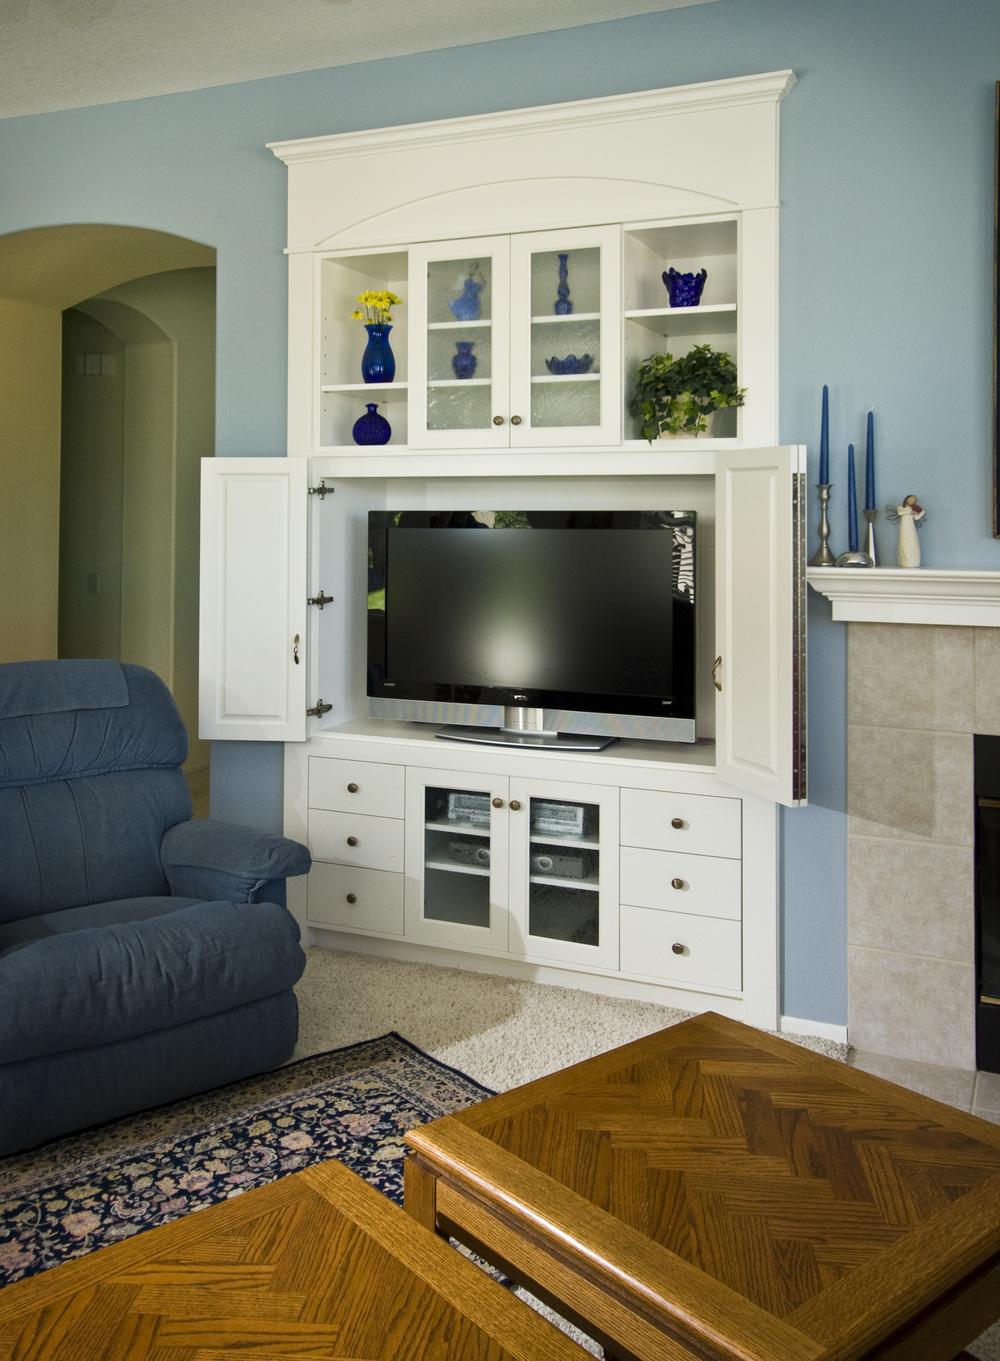 TV hideaway